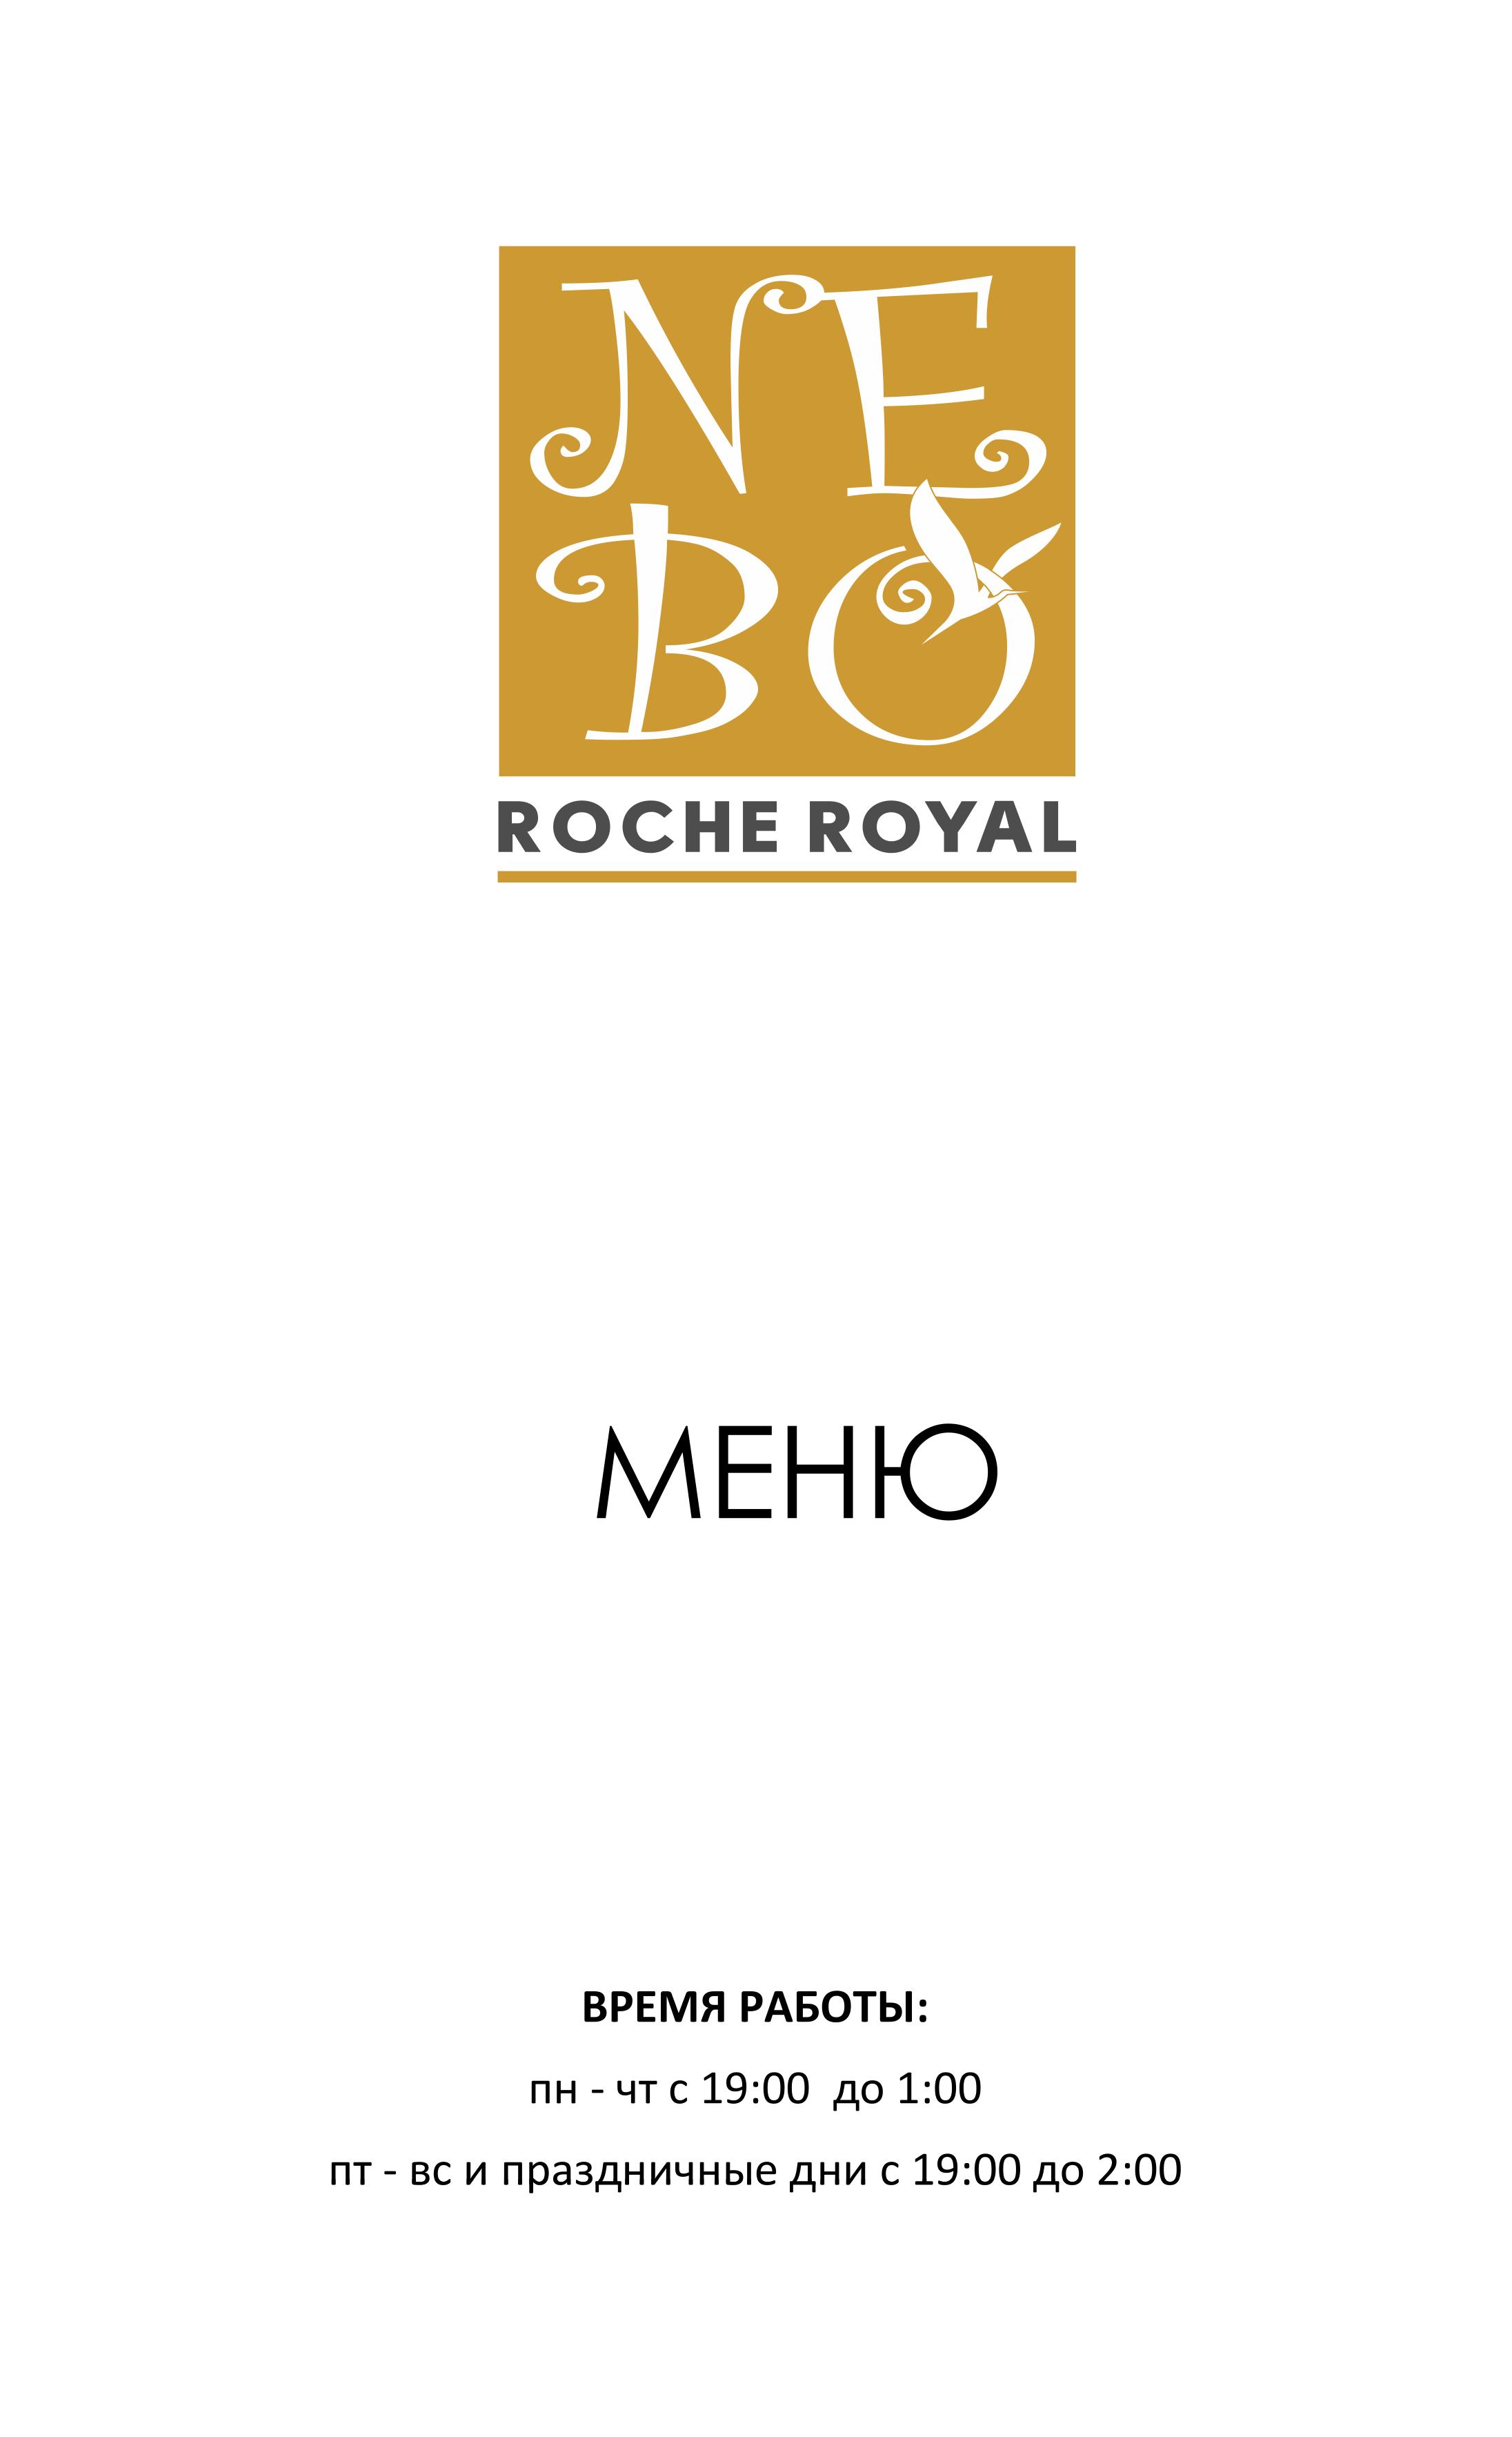 Menu resraurant Roche Royal NEBO 1